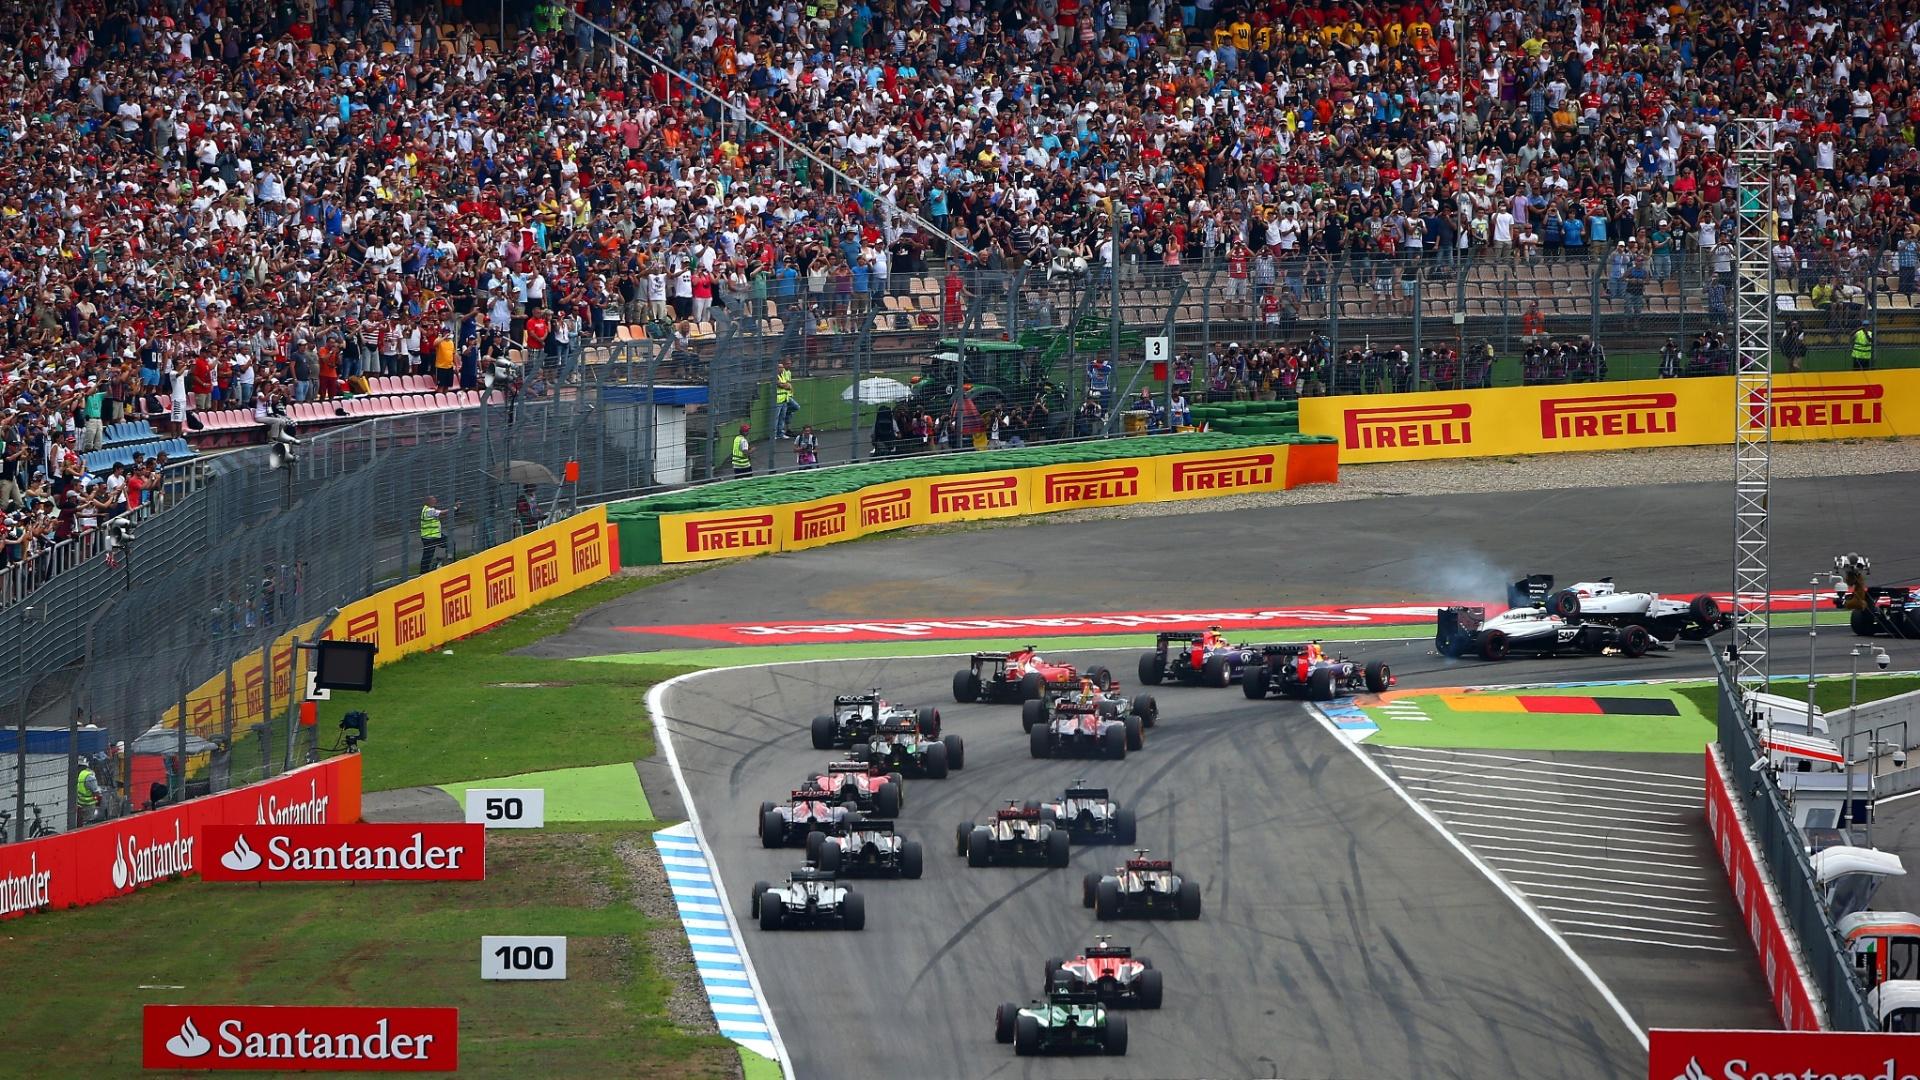 20.jul.2014 - Felipe Massa se choca com Magnussen na primeira curva do GP da Alemanha, capota e fica de fora da corrida vencida por Rosberg